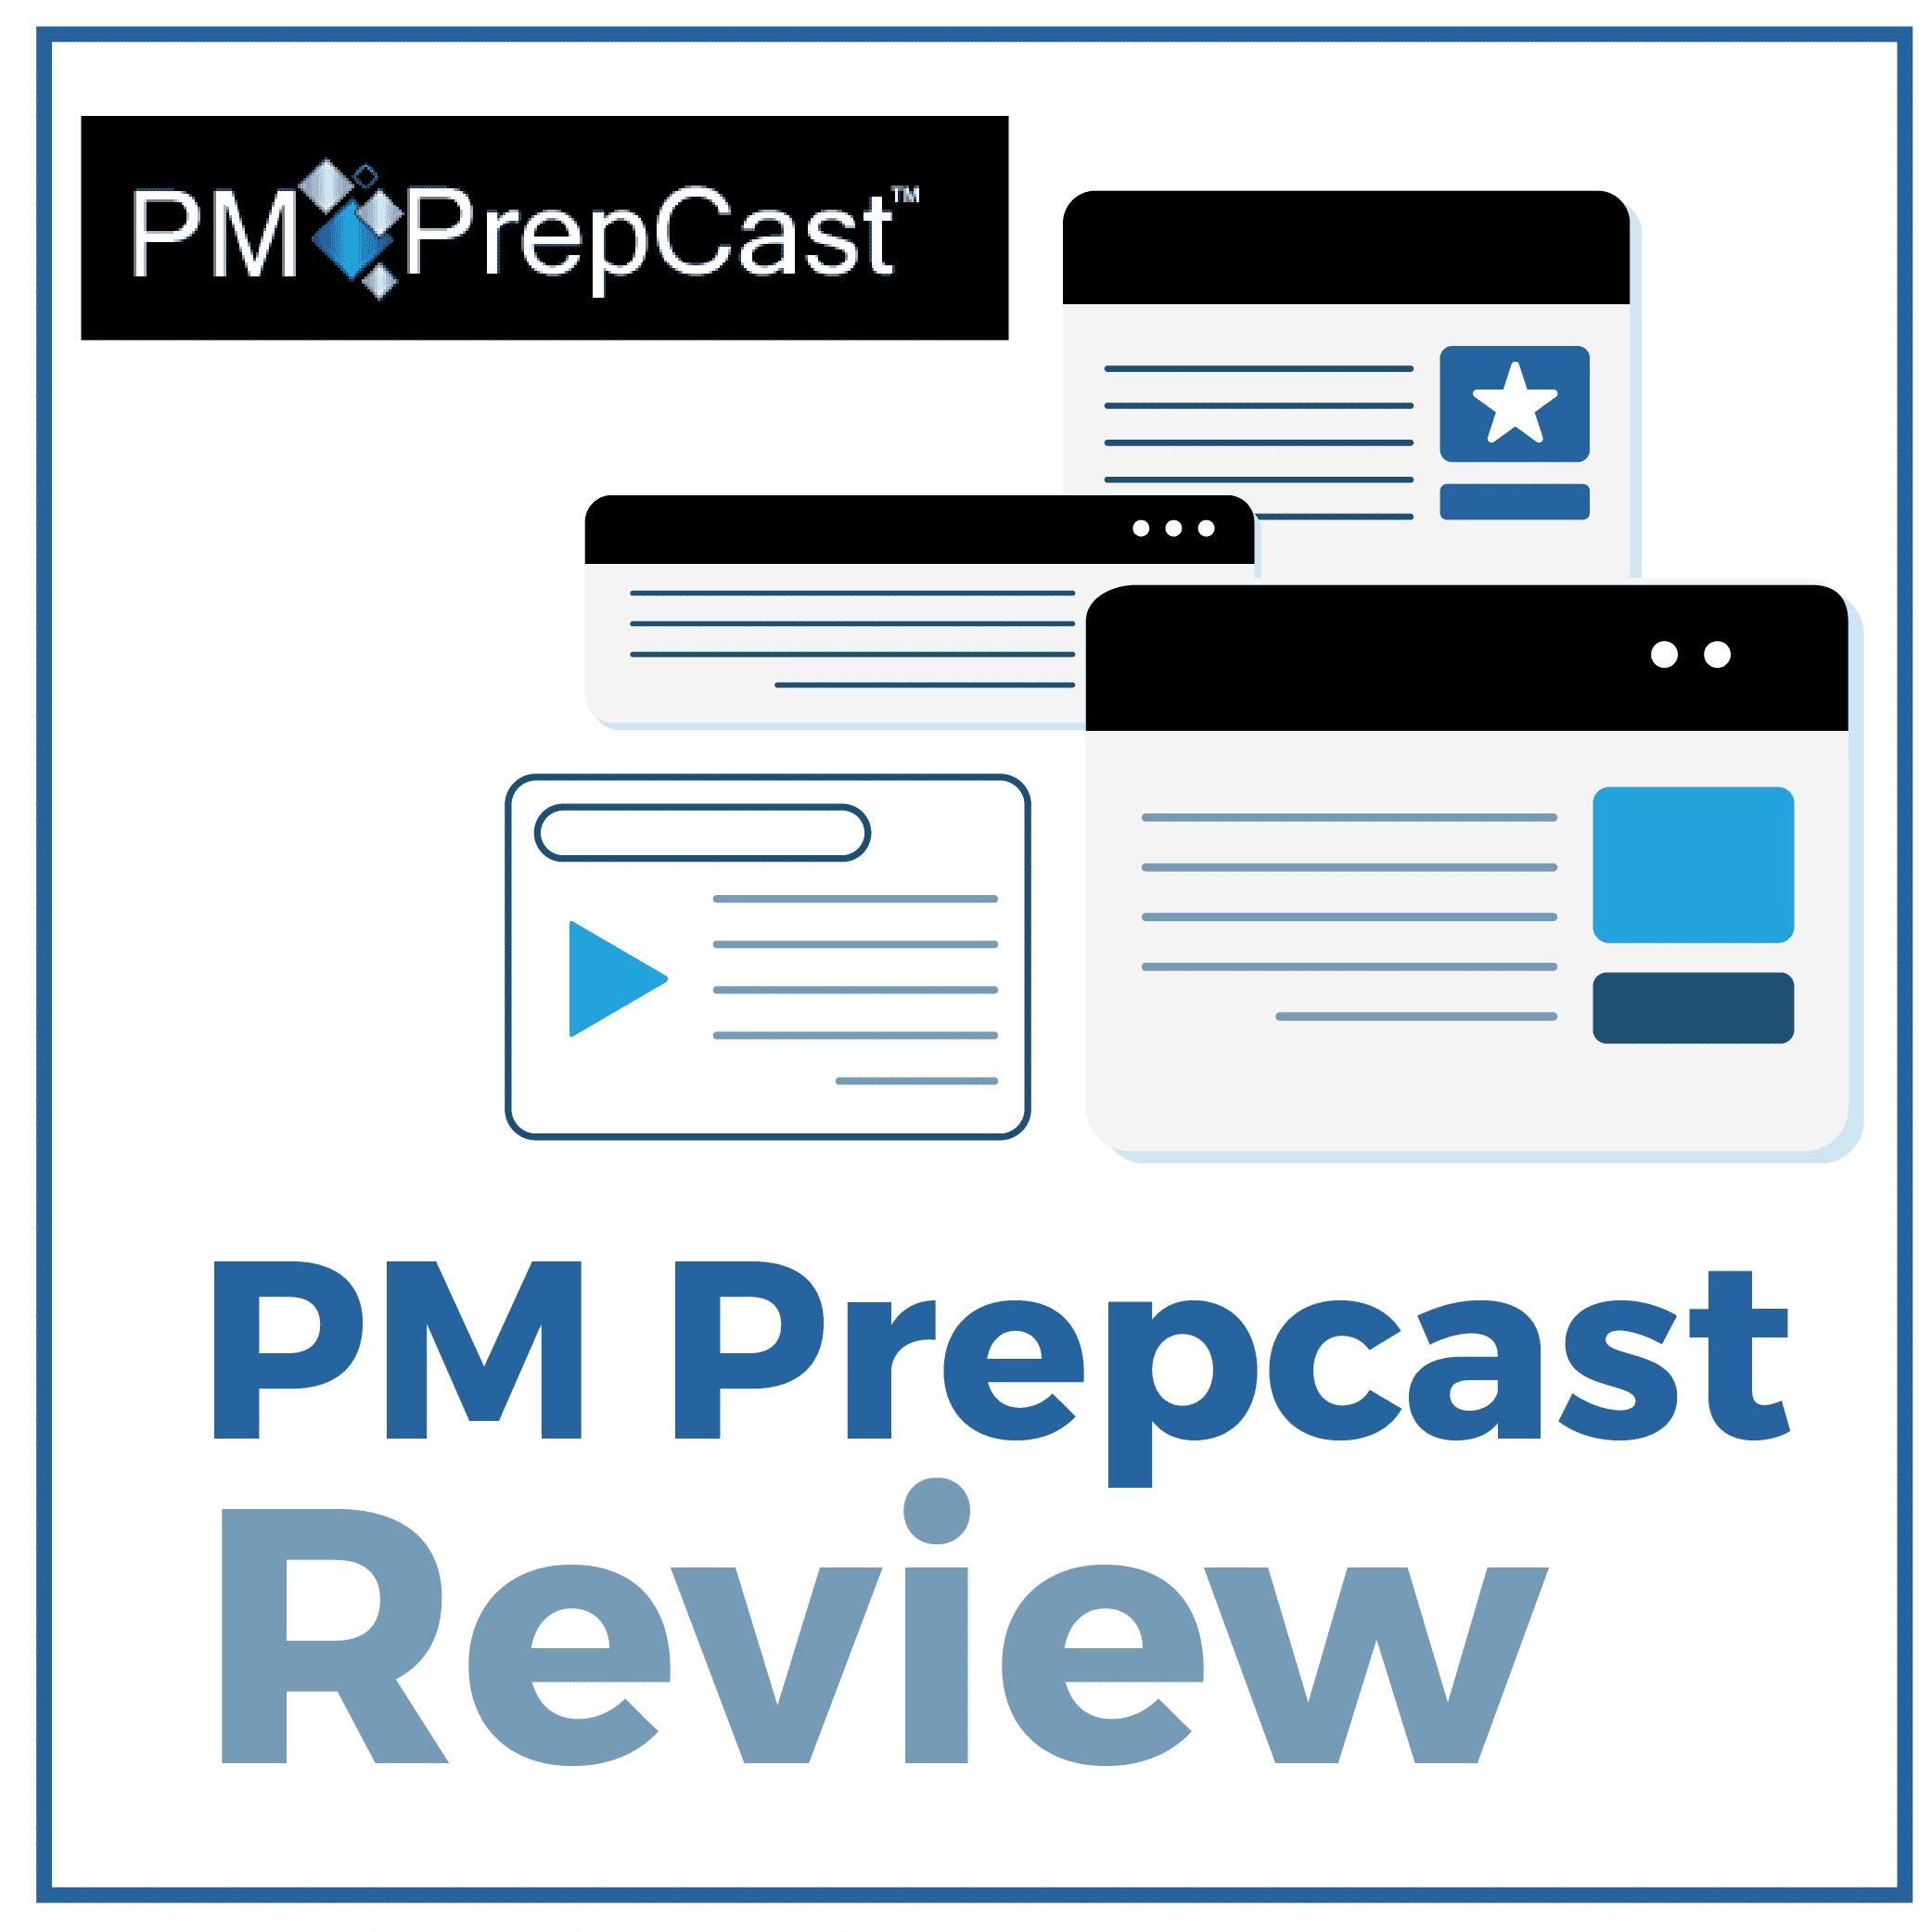 PM PrepCast Review